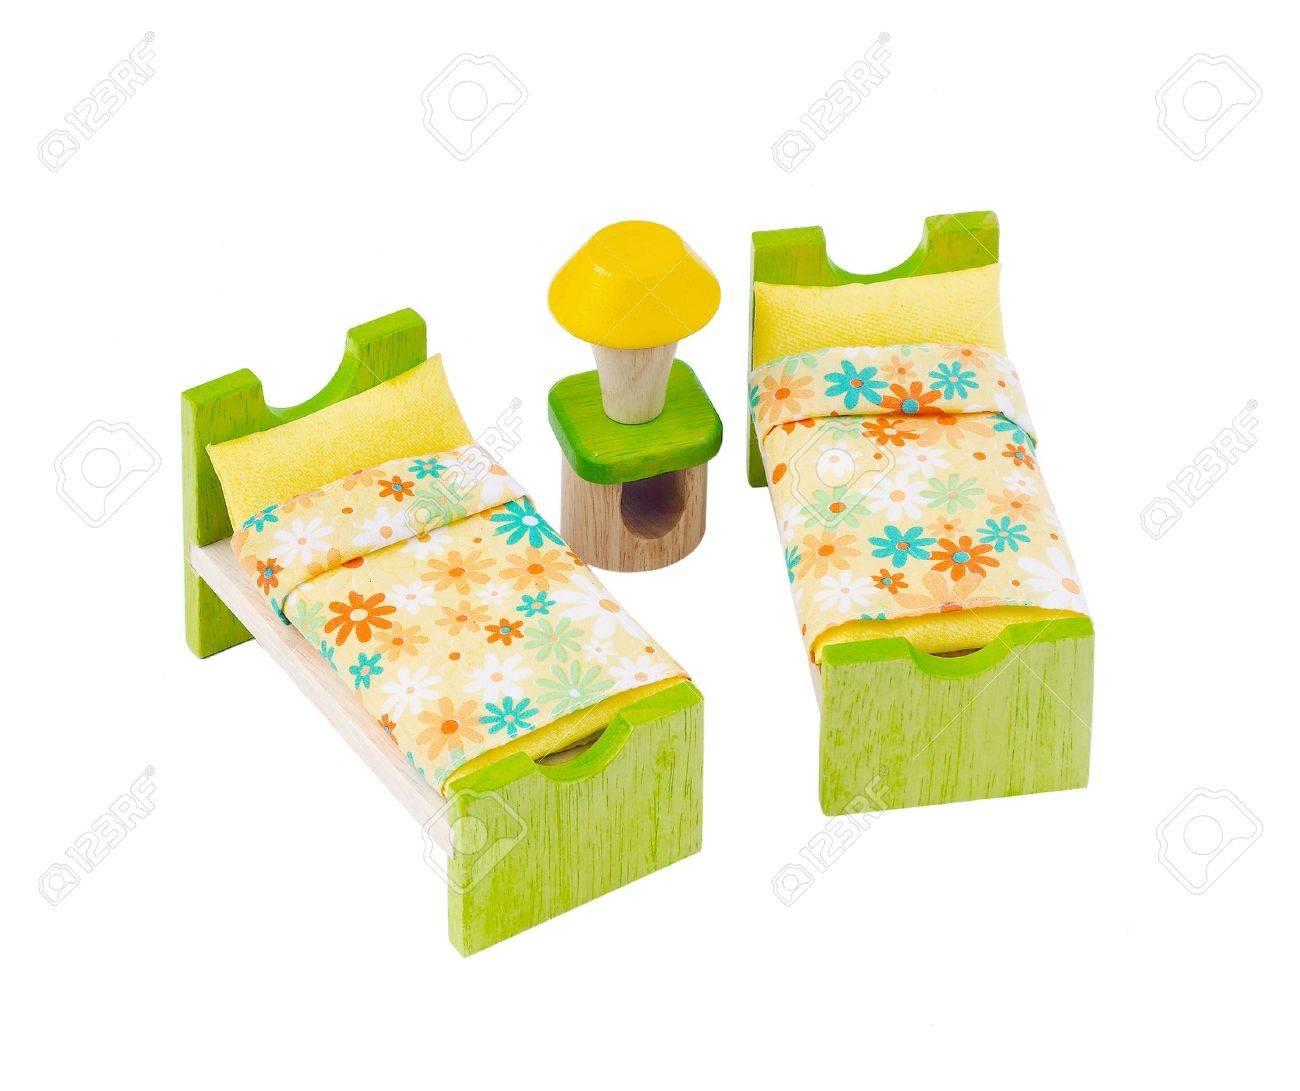 Full Size of Holzbett Für Tiny Spielzeug Mbel Fr Zu Lernen Regale Keller Betten Teenager Sichtschutzfolie Fenster Schwimmingpool Garten Bett Körbe Fliesen Küche Wohnzimmer Holzbett Für Kinder